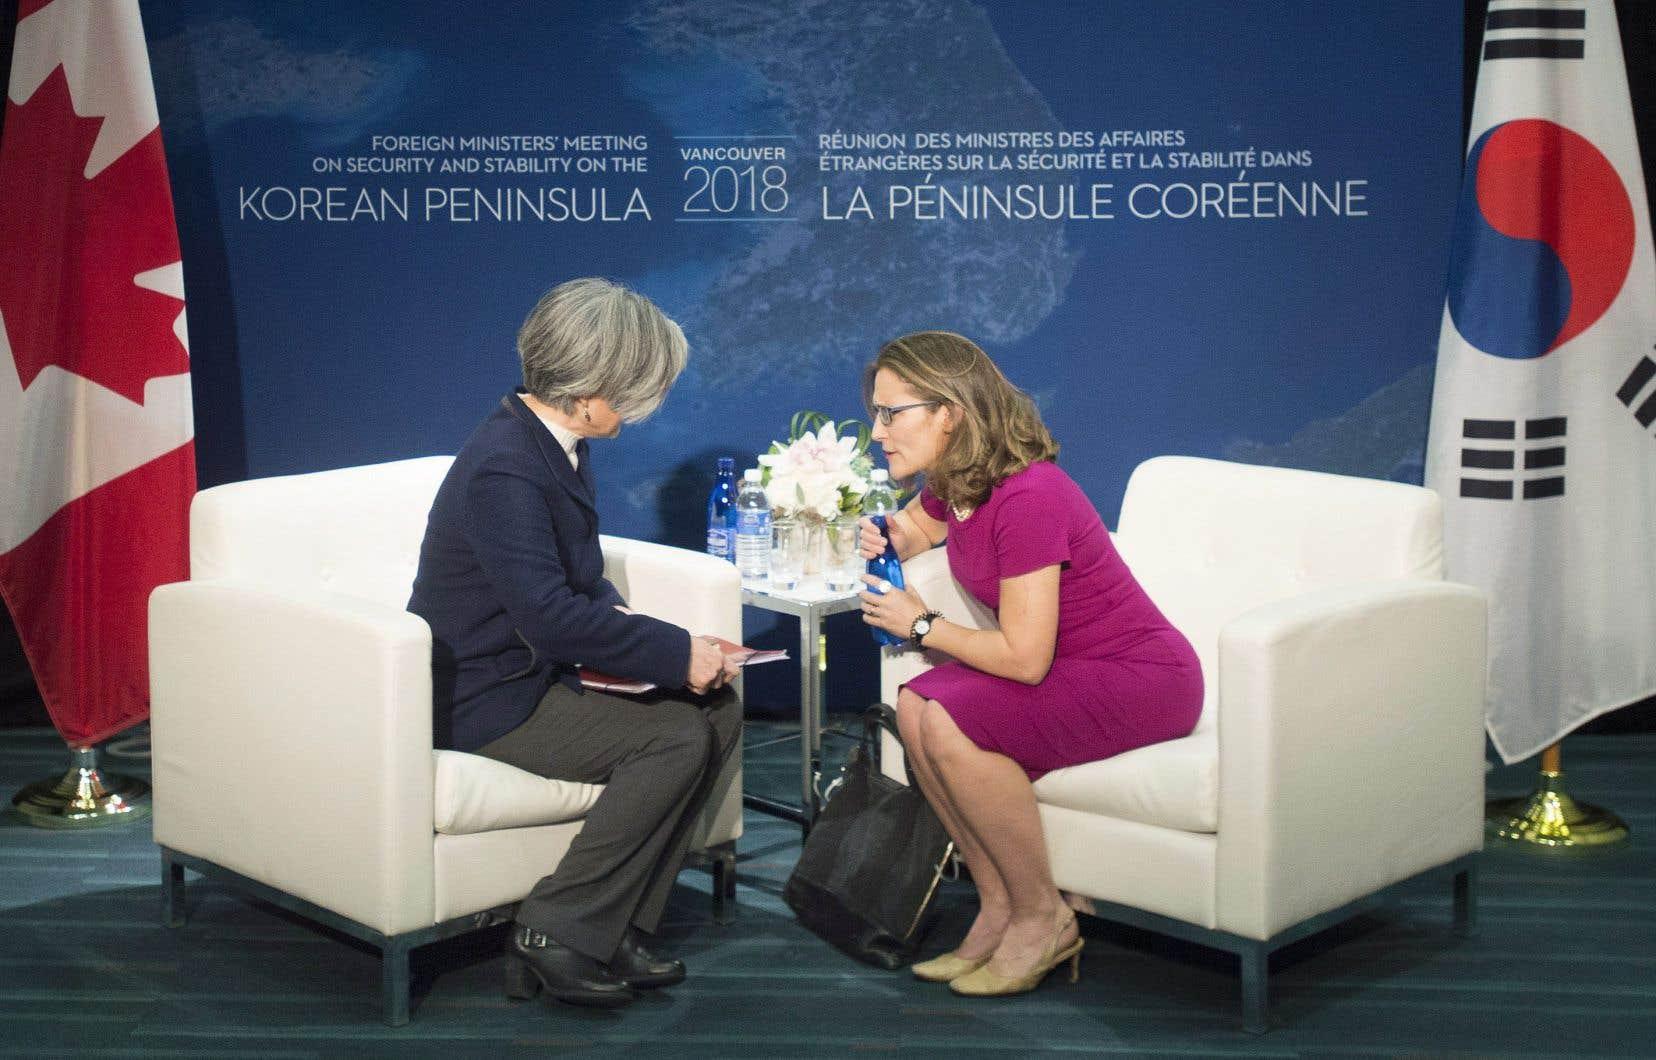 La ministre des Affaires étrangères, Chrystia Freeland (à droite), a accueilli son homologue de la République de Corée (Sud), Kang Kyung-wha.